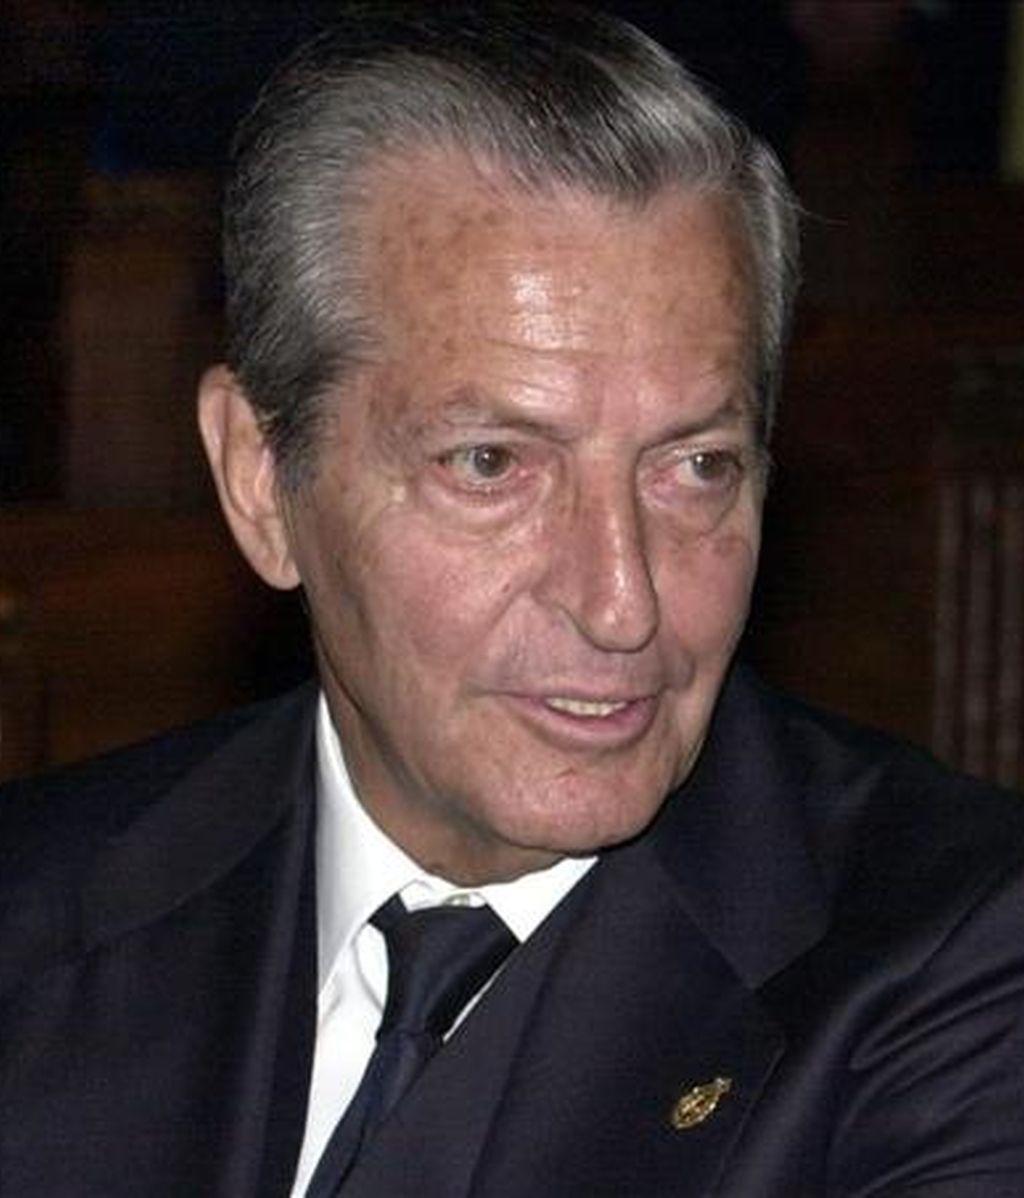 El ex presidente del Gobierno Adolfo Suárez. EFE/Archivo